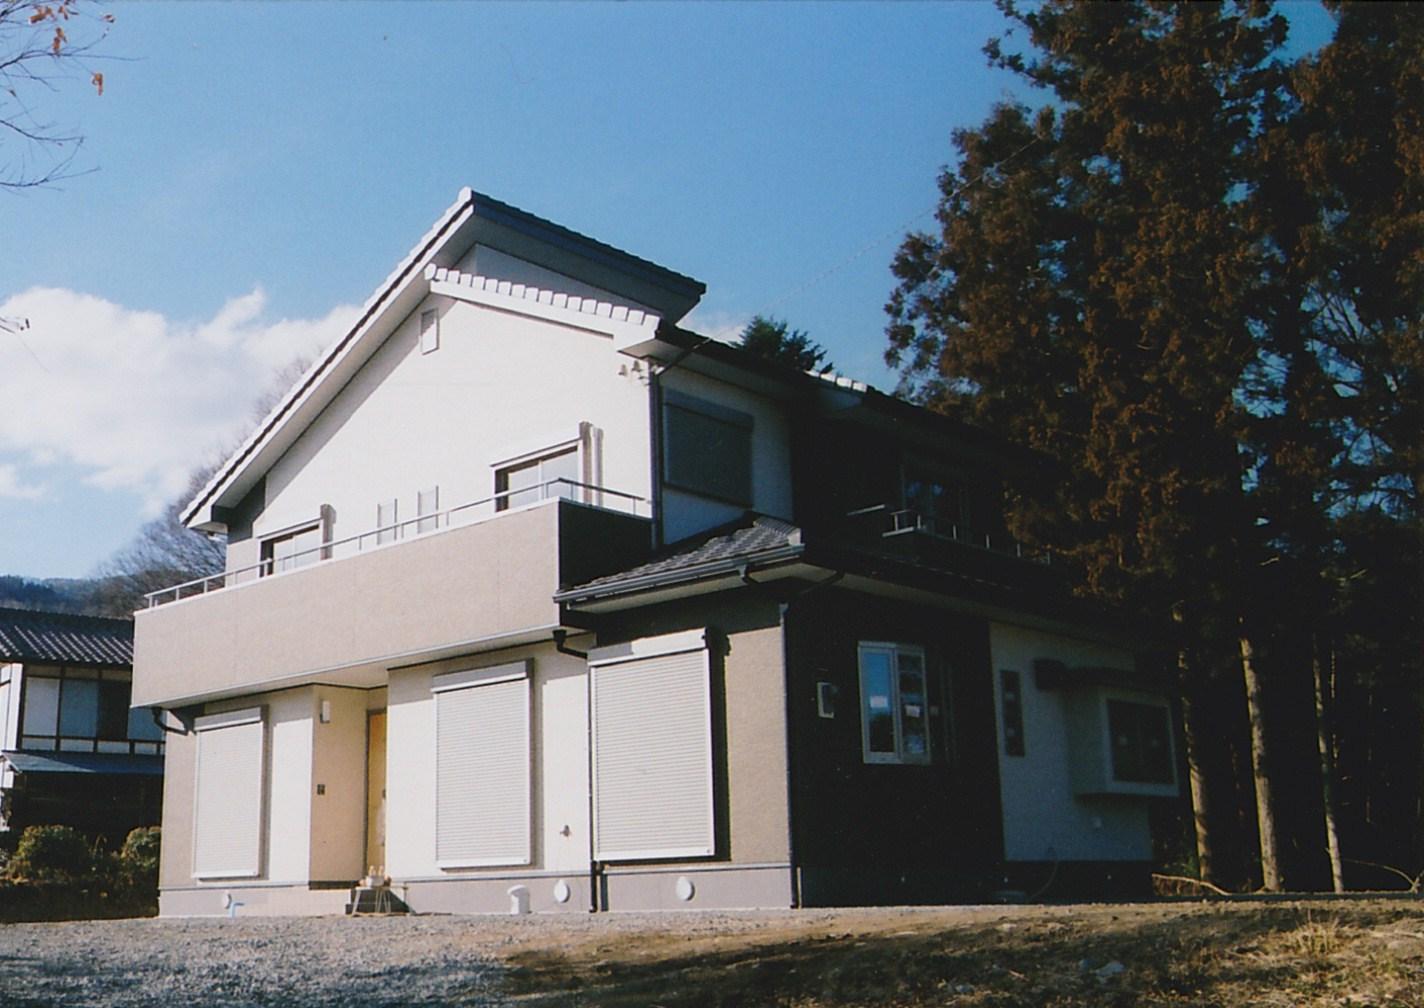 http://yamashige-housing.com/works/IMG_20130719_0002.jpg